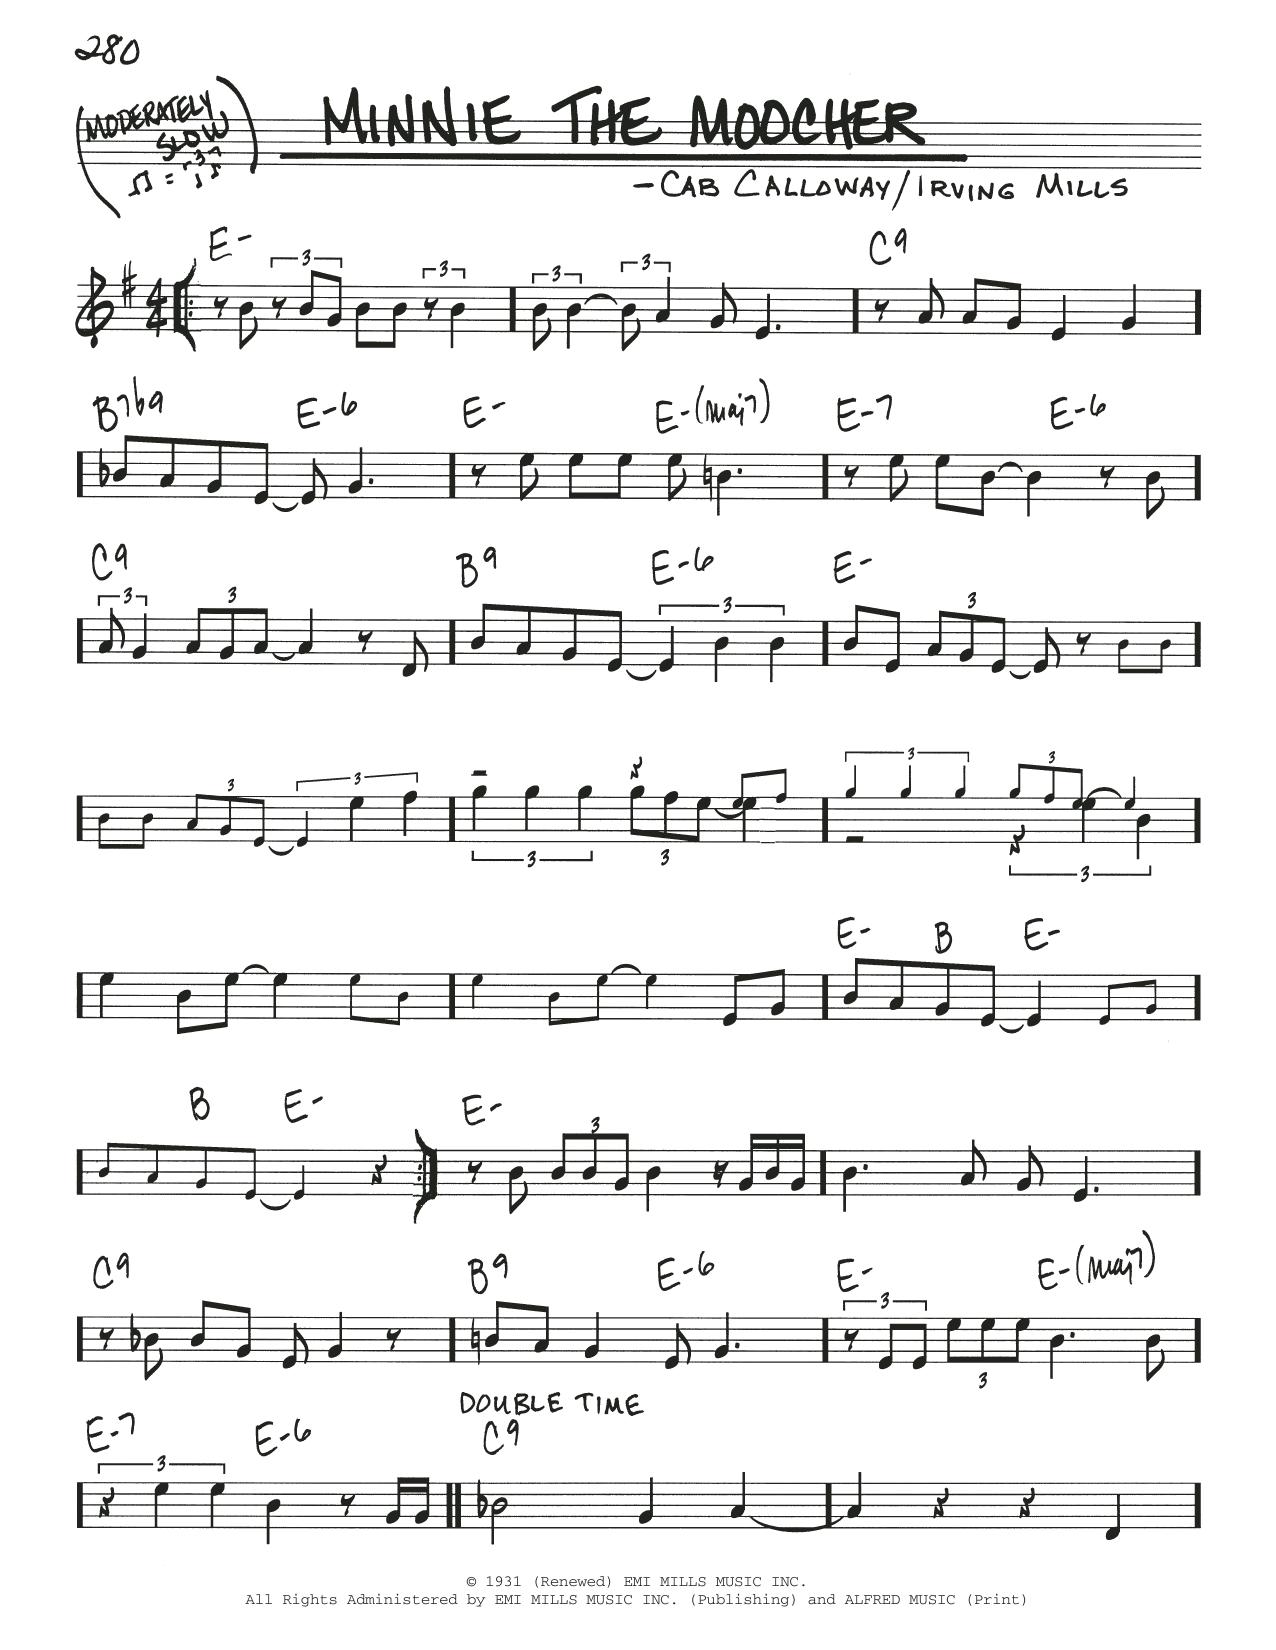 Minnie The Moocher Sheet Music